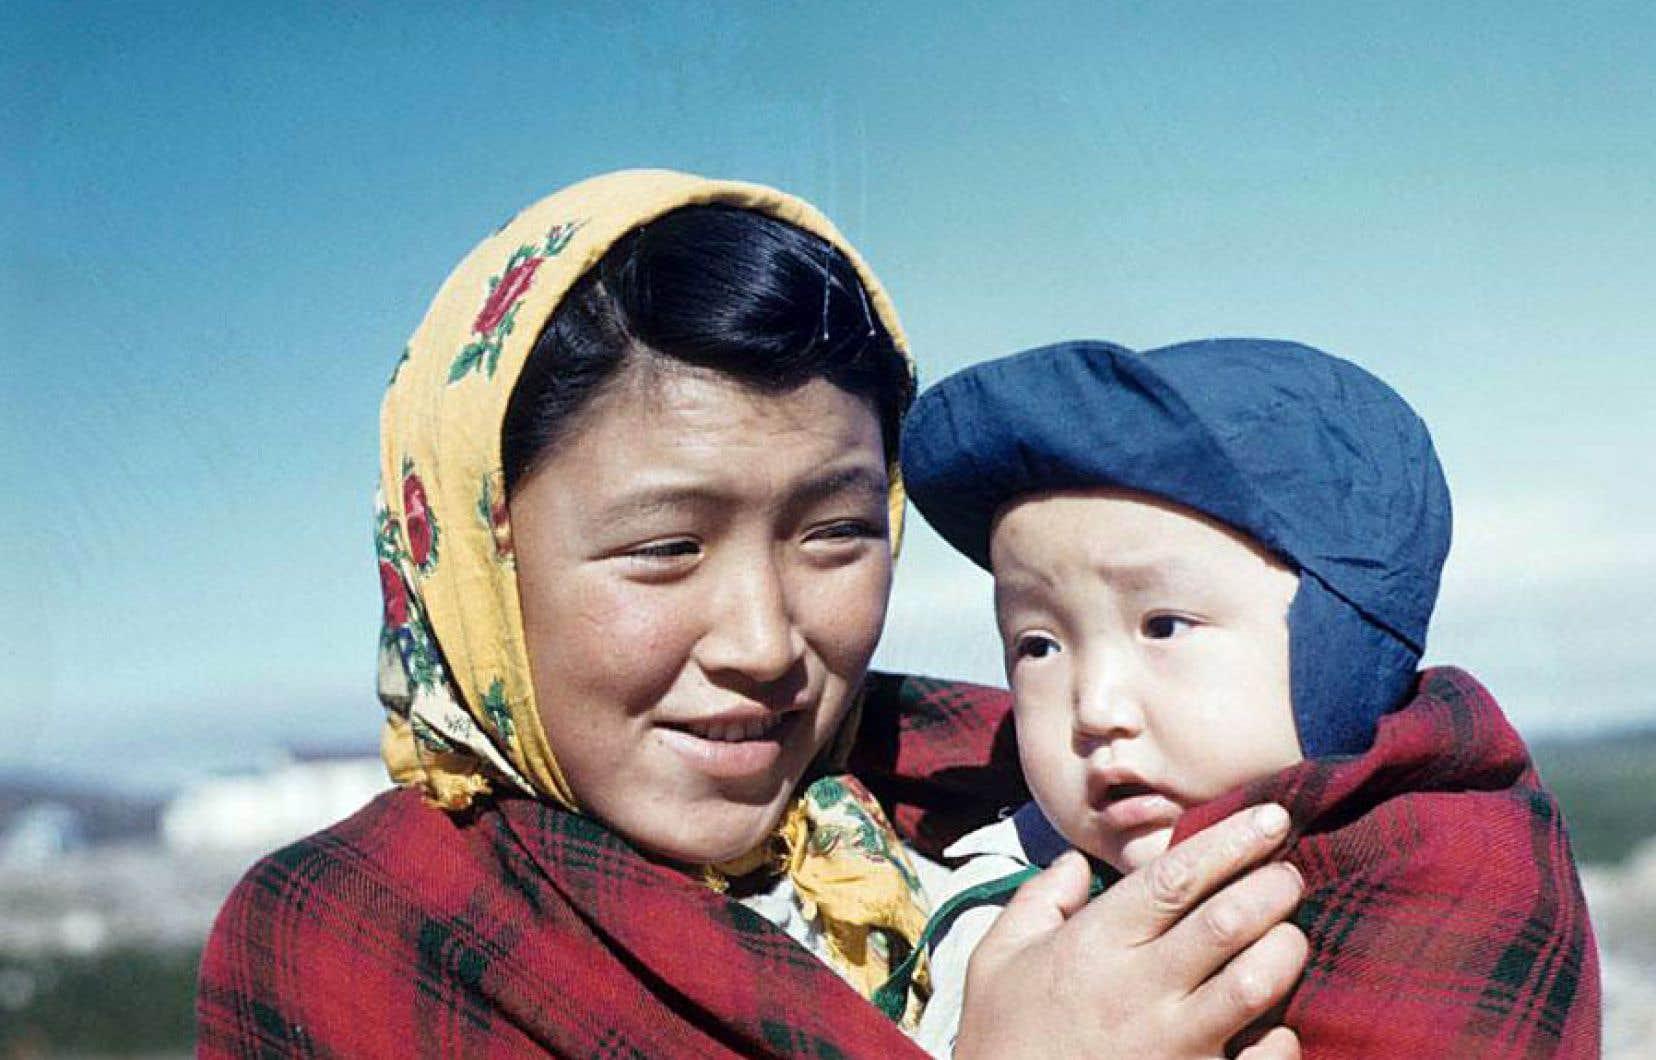 Selon une note retrouvée dans le journal de Rosemary Gilliat Eaton, en voyage à Kuujjuaq du 13juillet au 9août 1960, cette femme pourrait être Annie Johannesee.